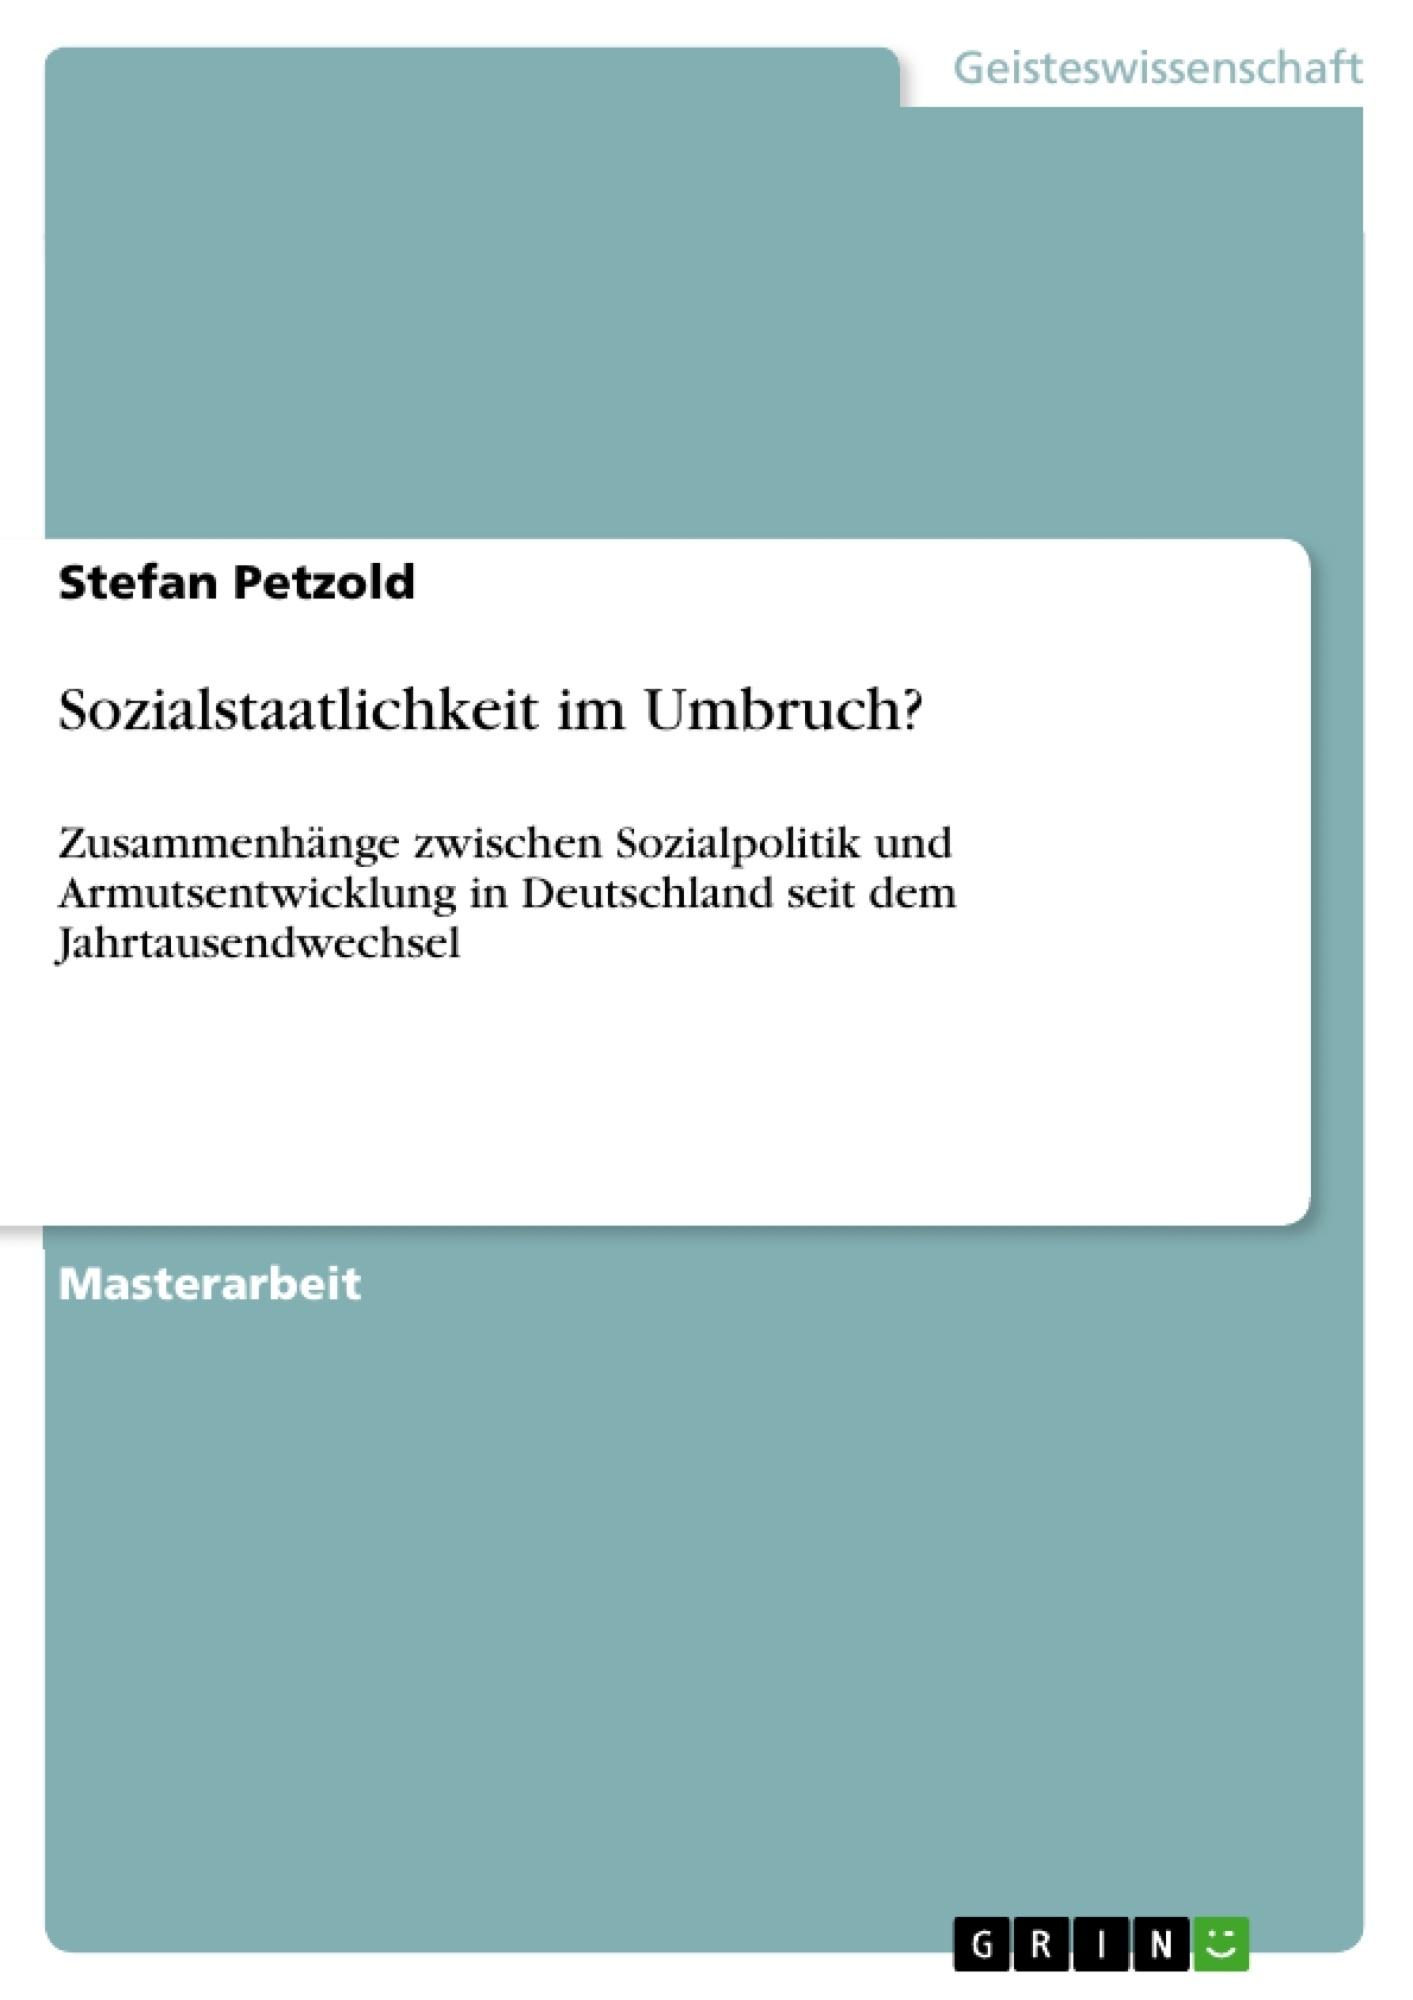 Titel: Sozialstaatlichkeit im Umbruch?